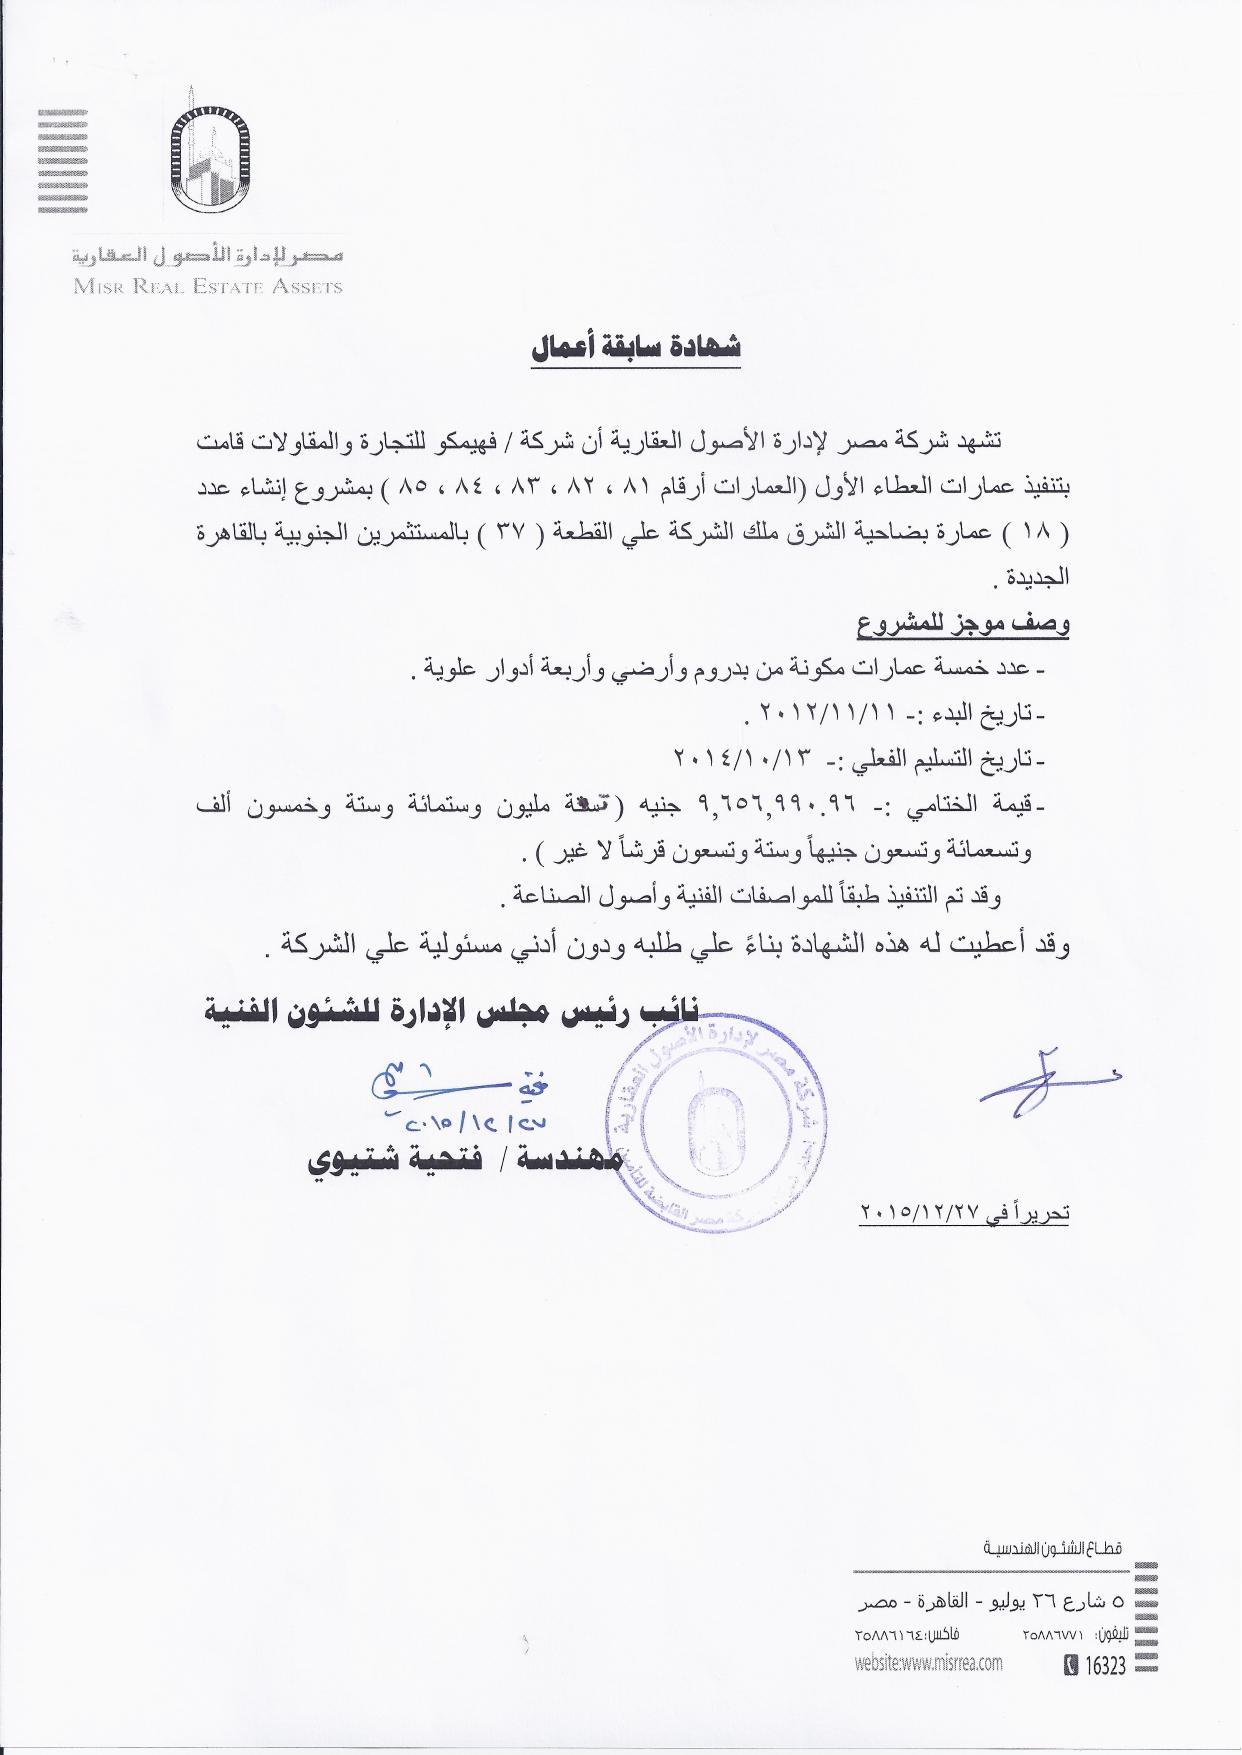 مصر لادارة الاصول العقارية العطاء الاول_page-0001